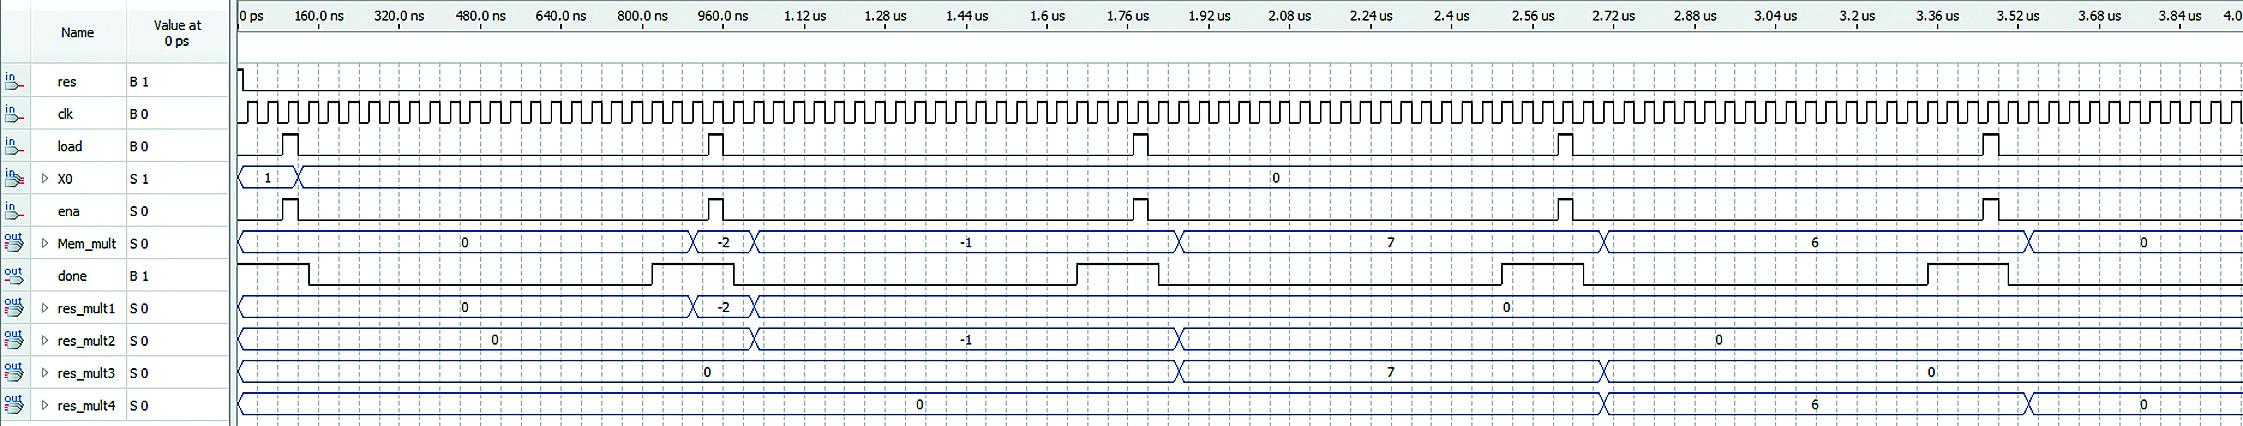 Результат моделирования прохождения аналога дельта-функции по структуре КИХ-фильтра на четыре отвода